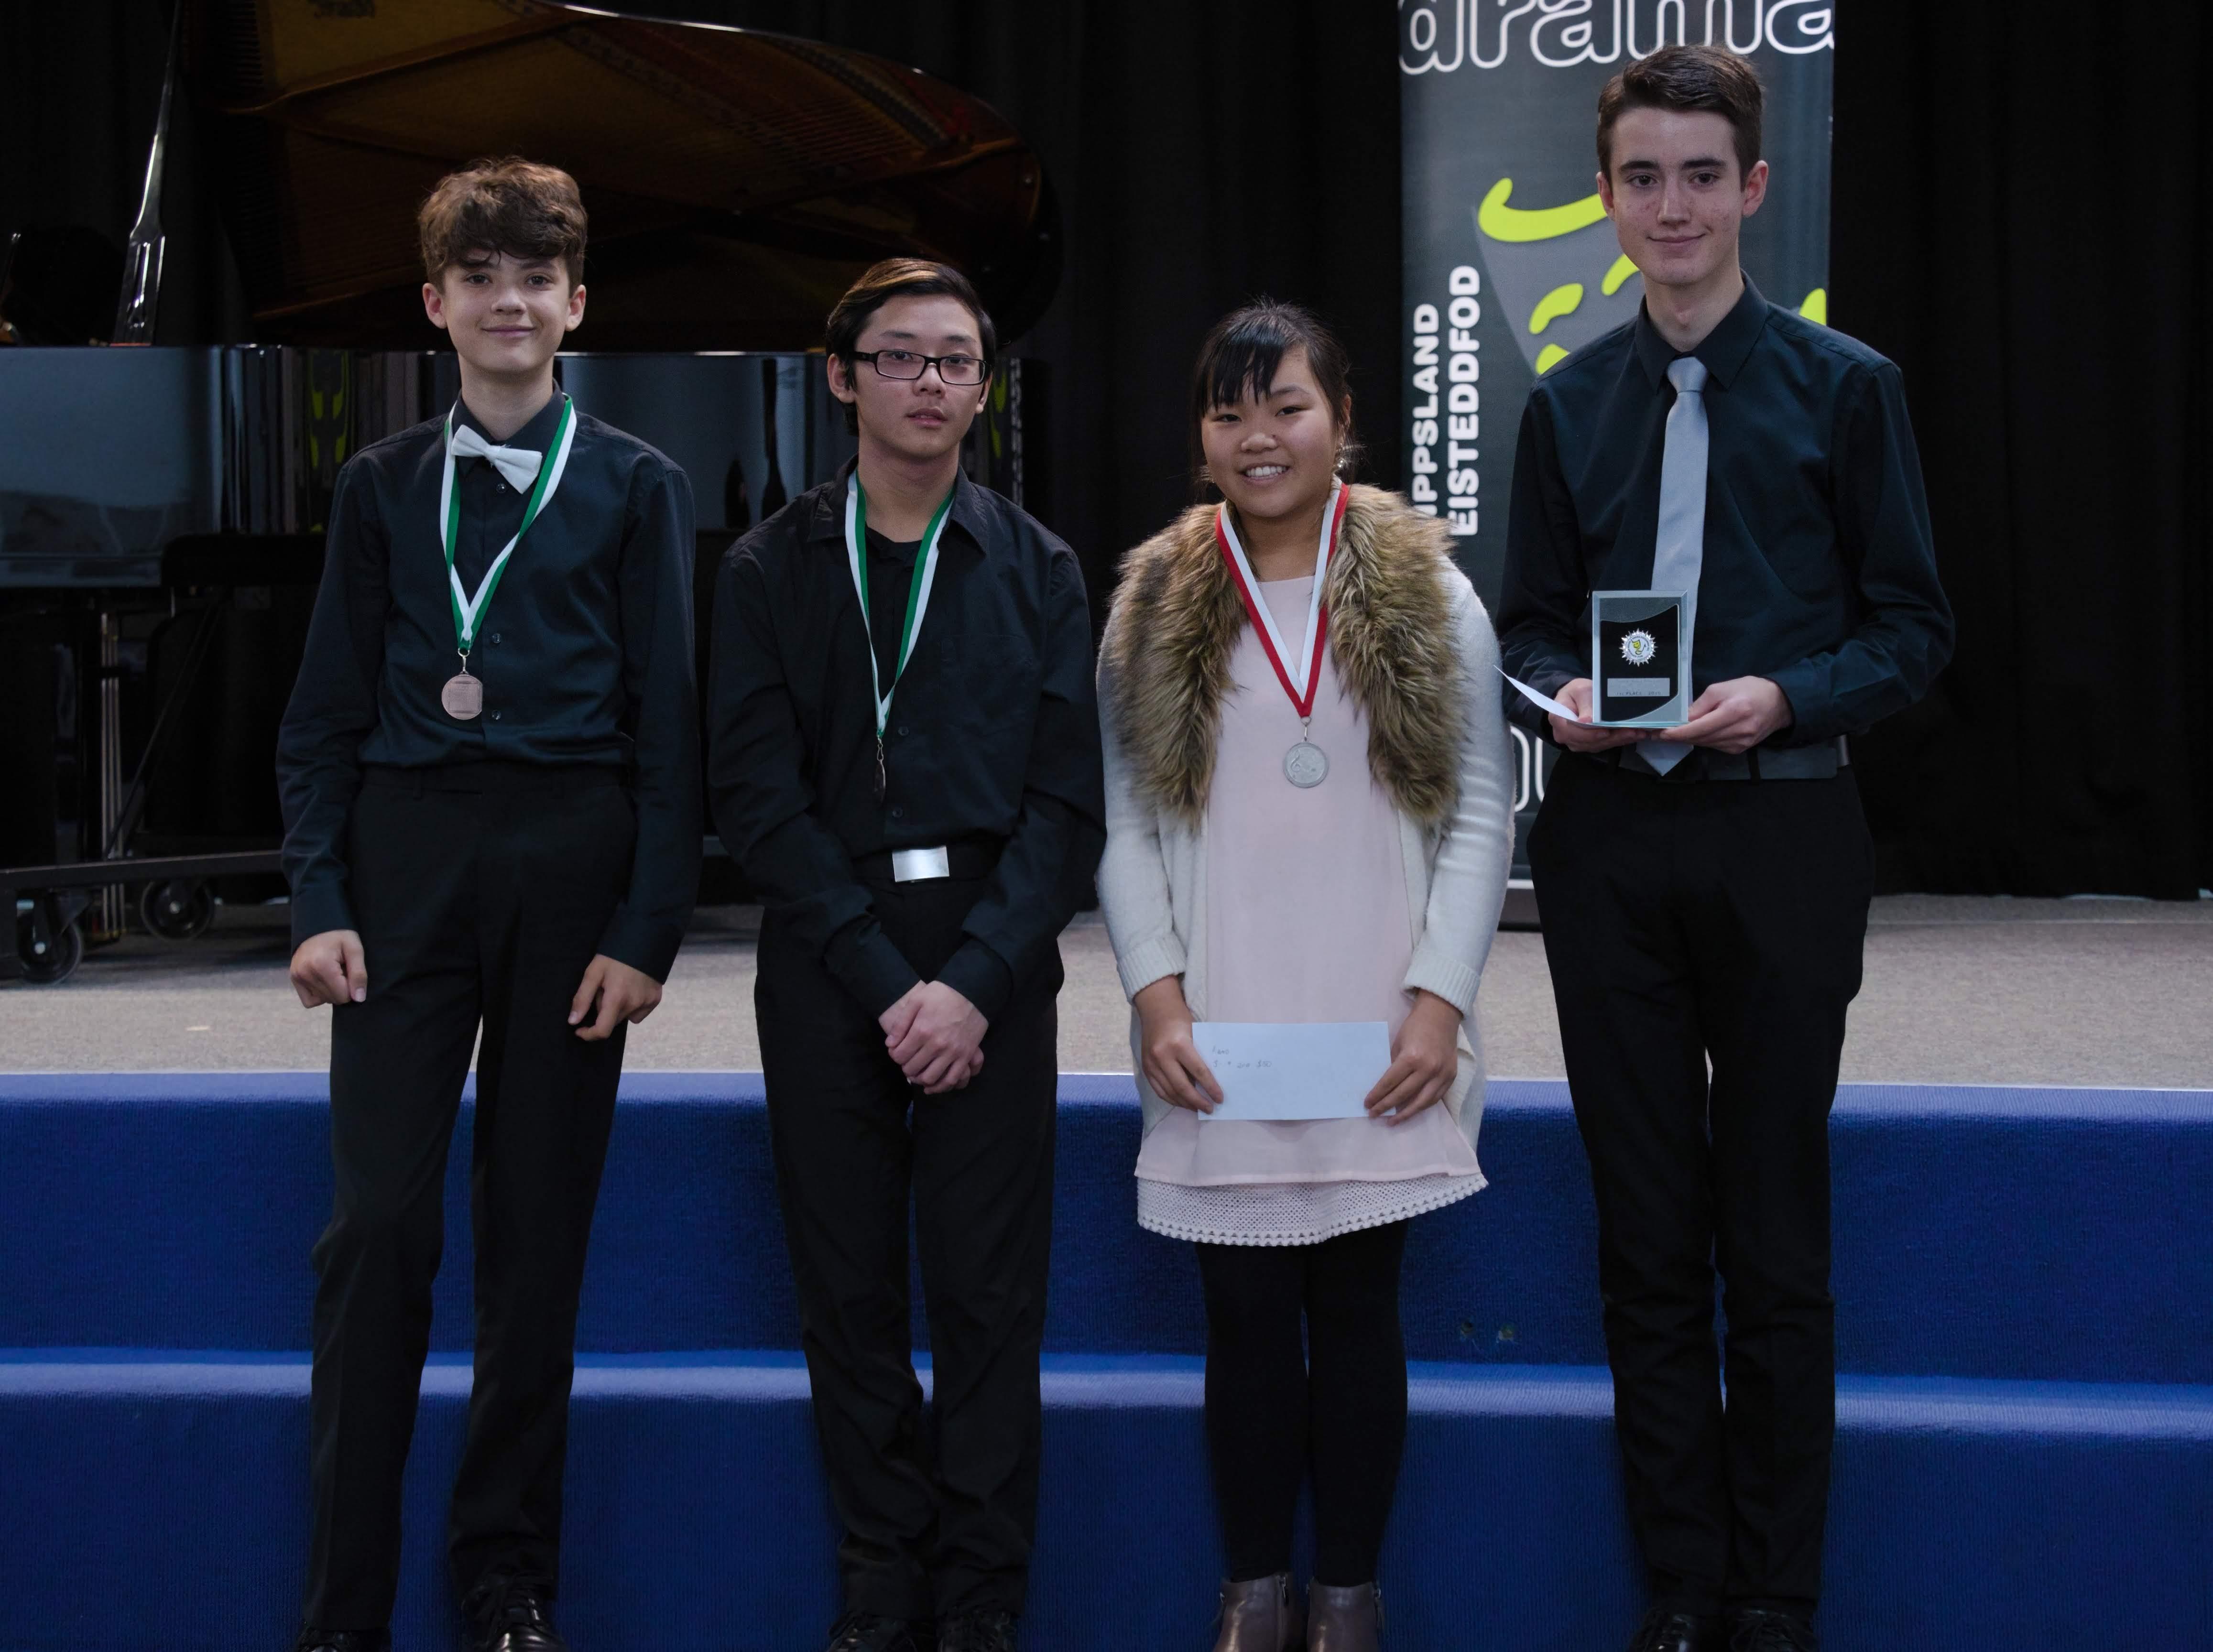 WGE Pianoforte Day 3 S1.19 1st Eisak Tabensky, 2nd Vivian Shen, 3rd Aleksandr Tabensky & Steve Widjaja